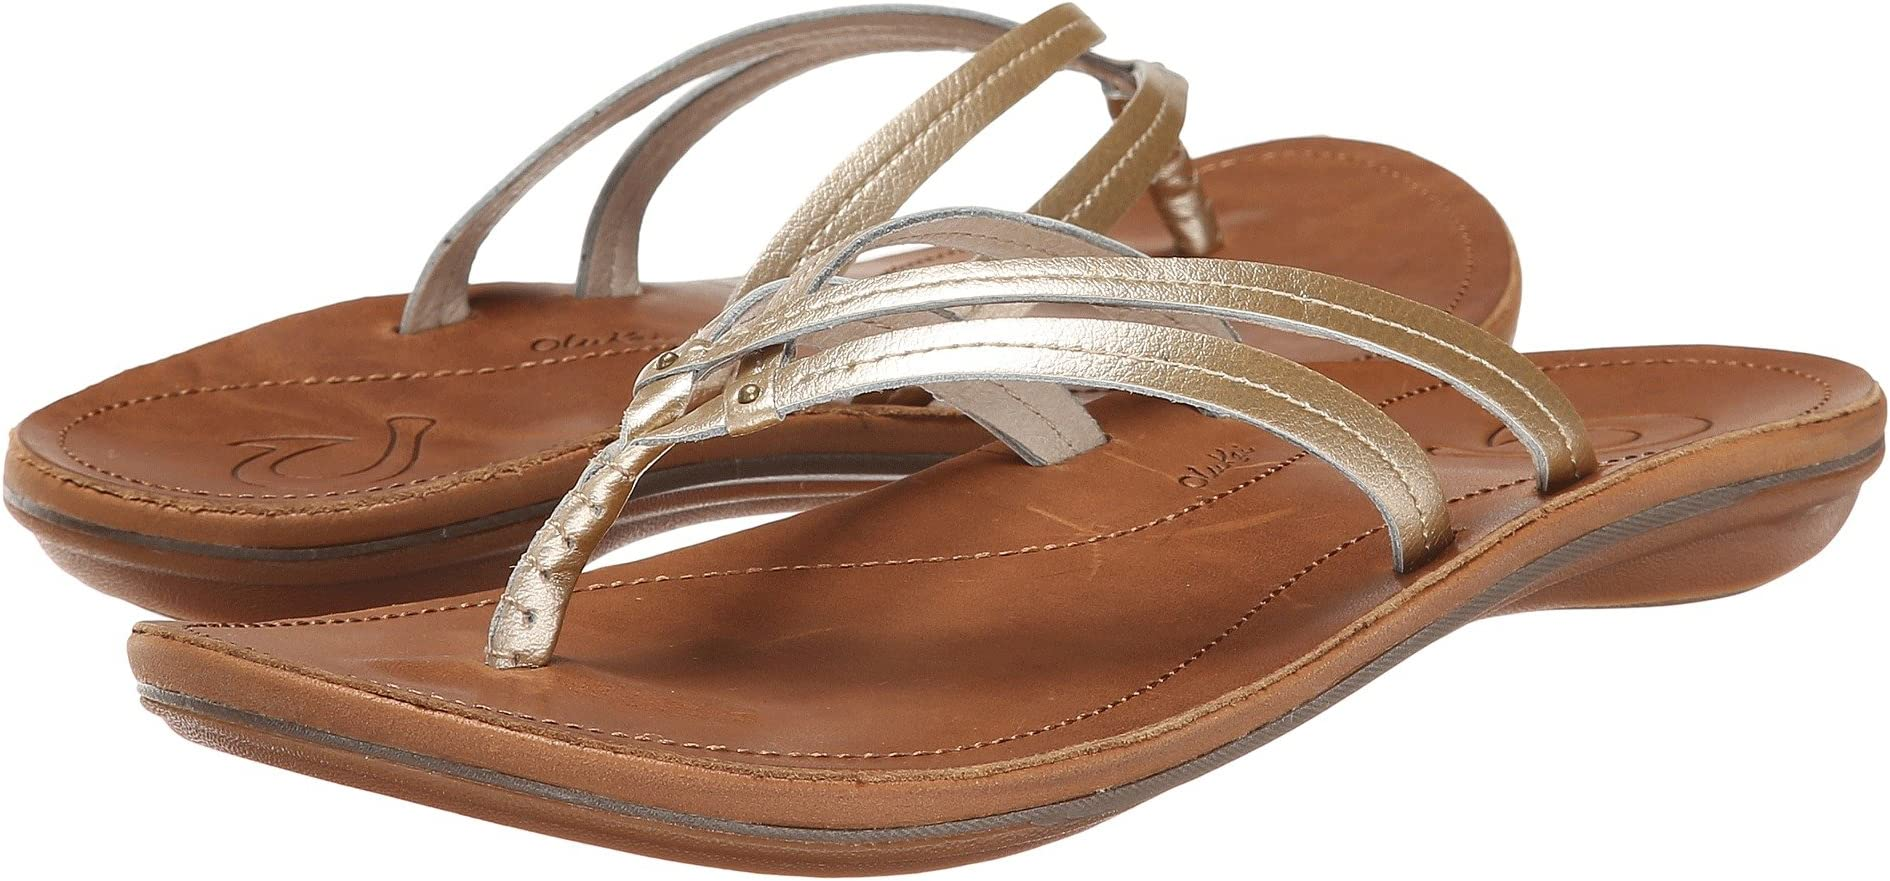 8192ce00668c Women s Sandals